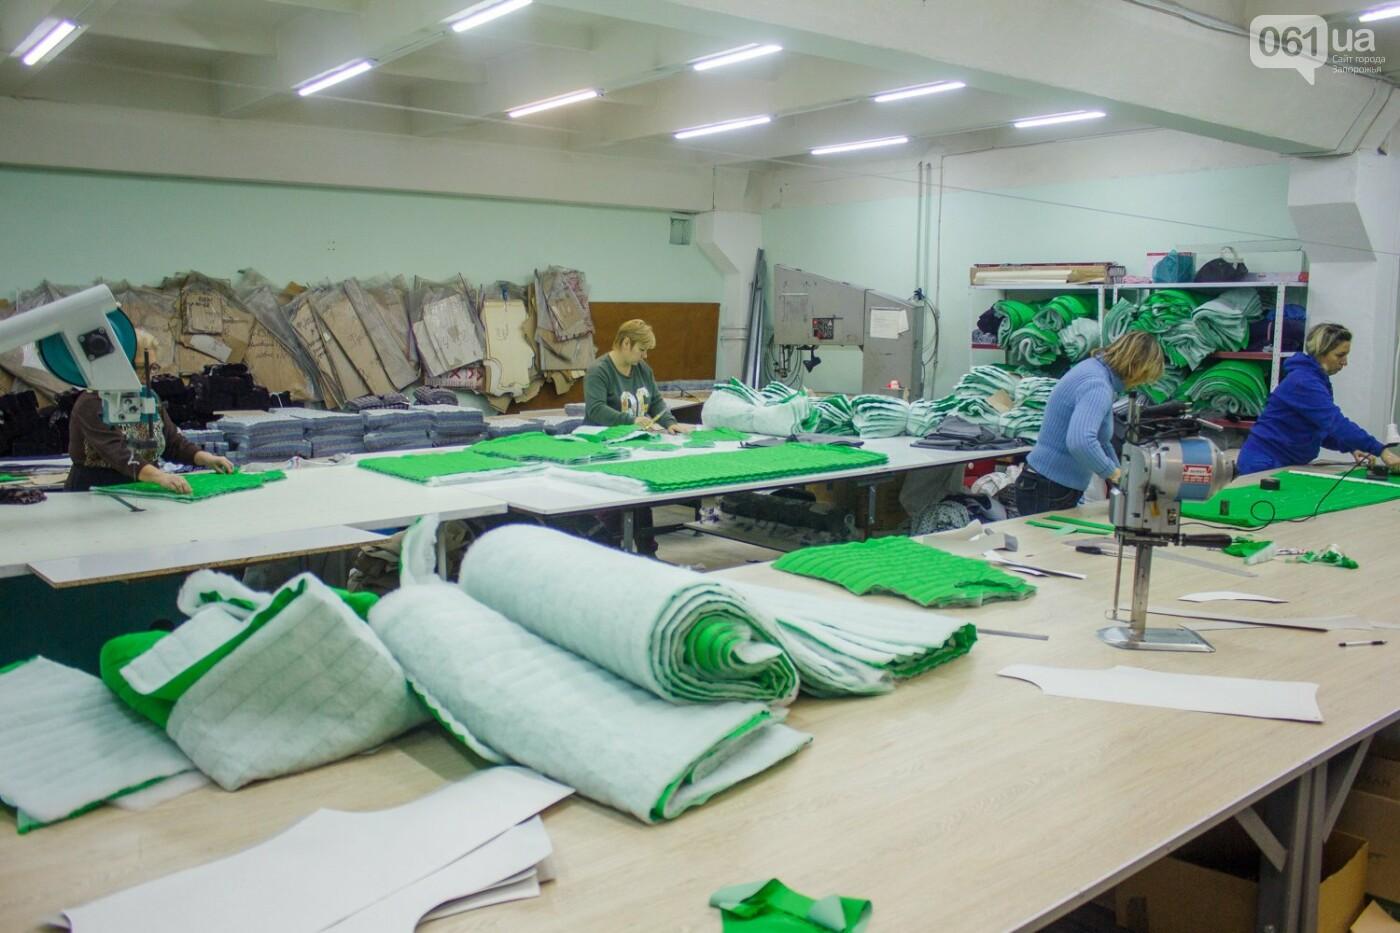 Как в Запорожье шьют мужское белье: экскурсия на трикотажную фабрику, – ФОТОРЕПОРТАЖ, фото-8